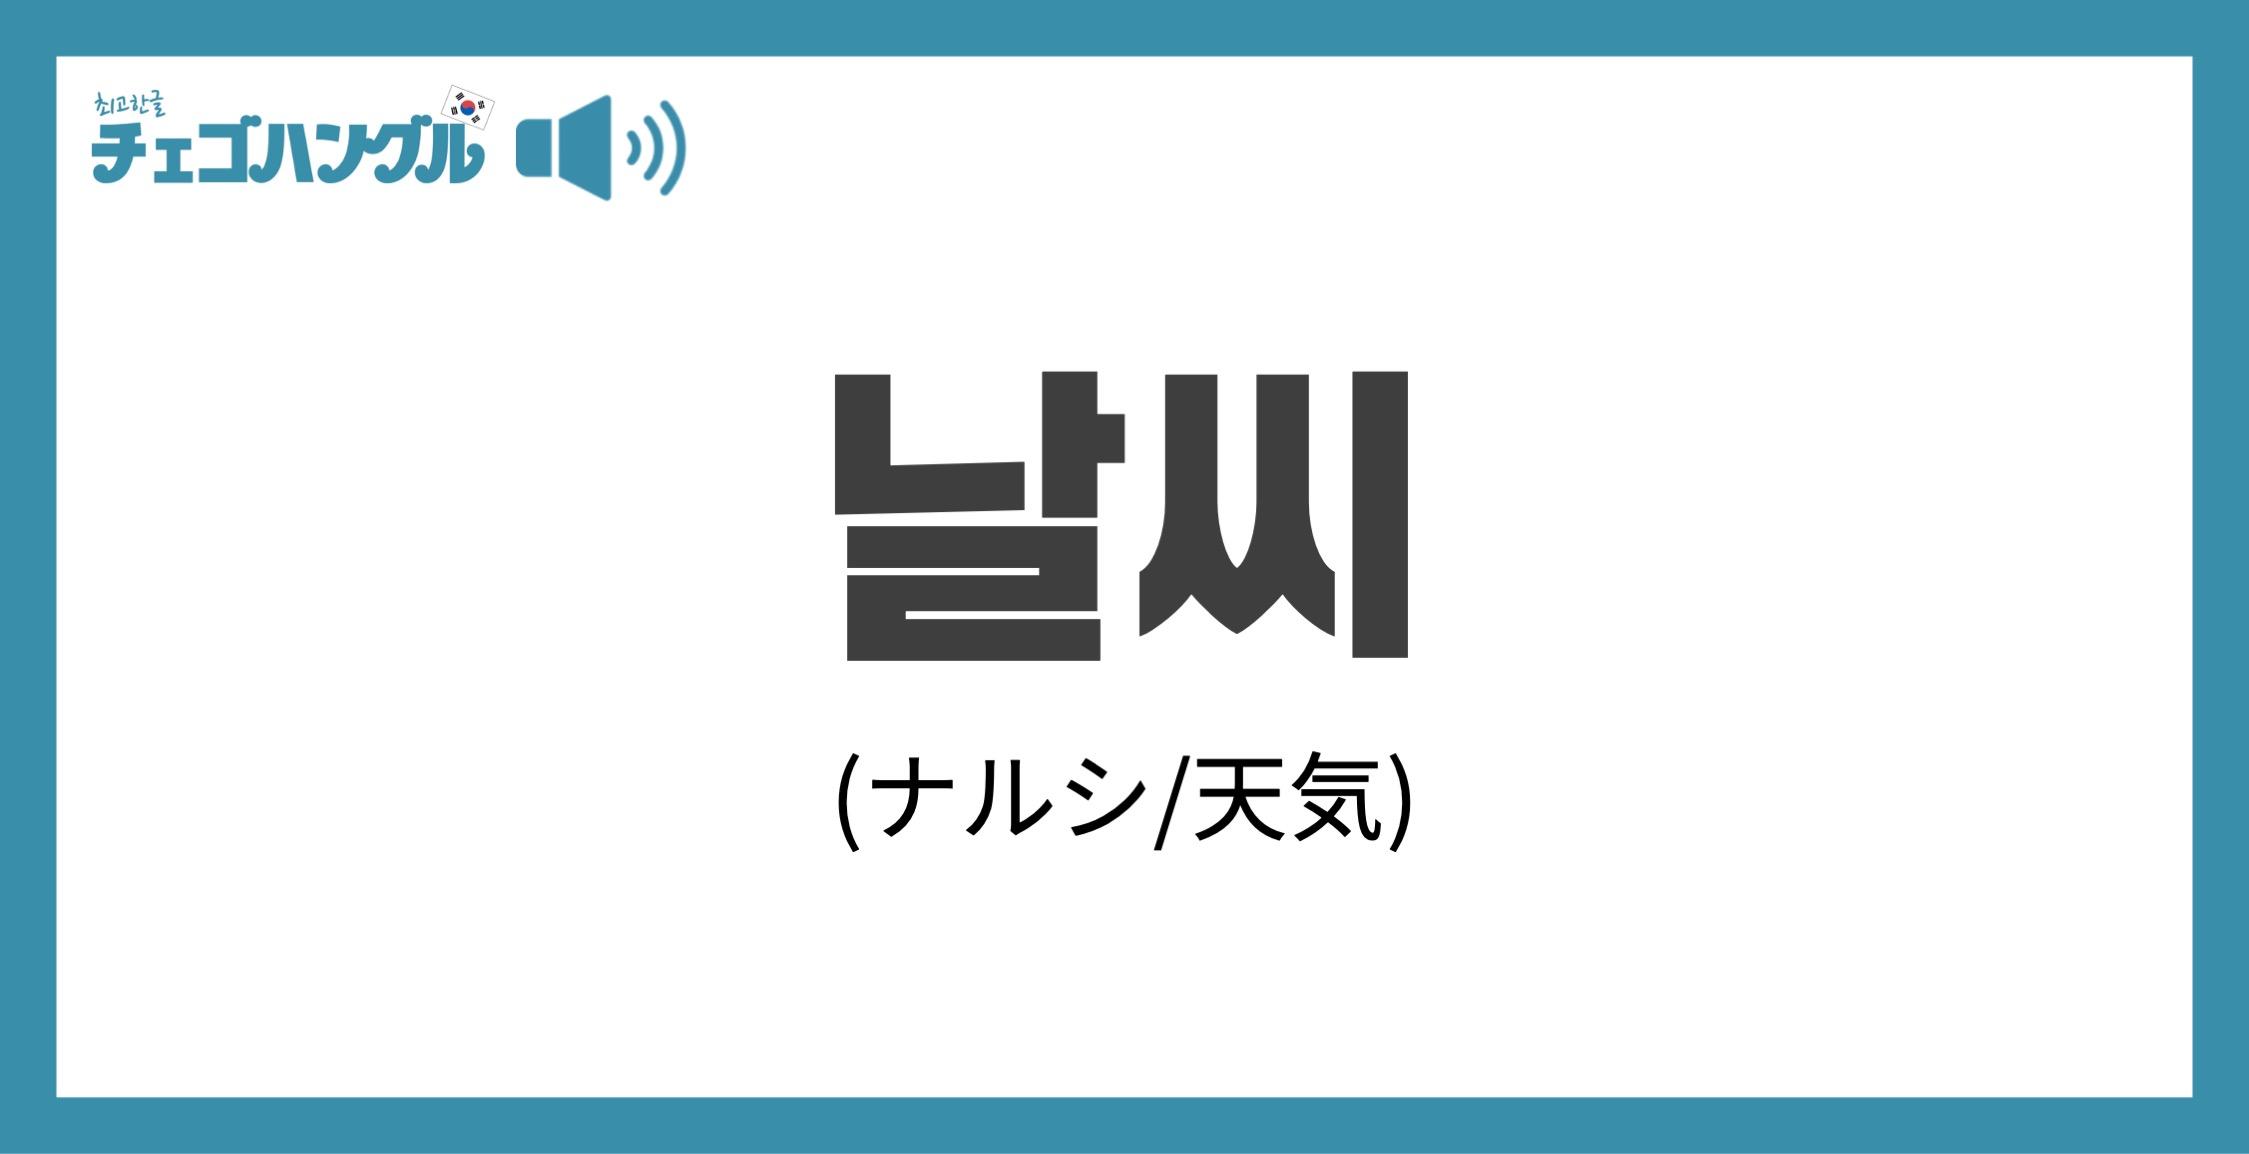 韓国語で「天気」は「날씨(ナルシ)」雨や雪、晴れは何と言う?